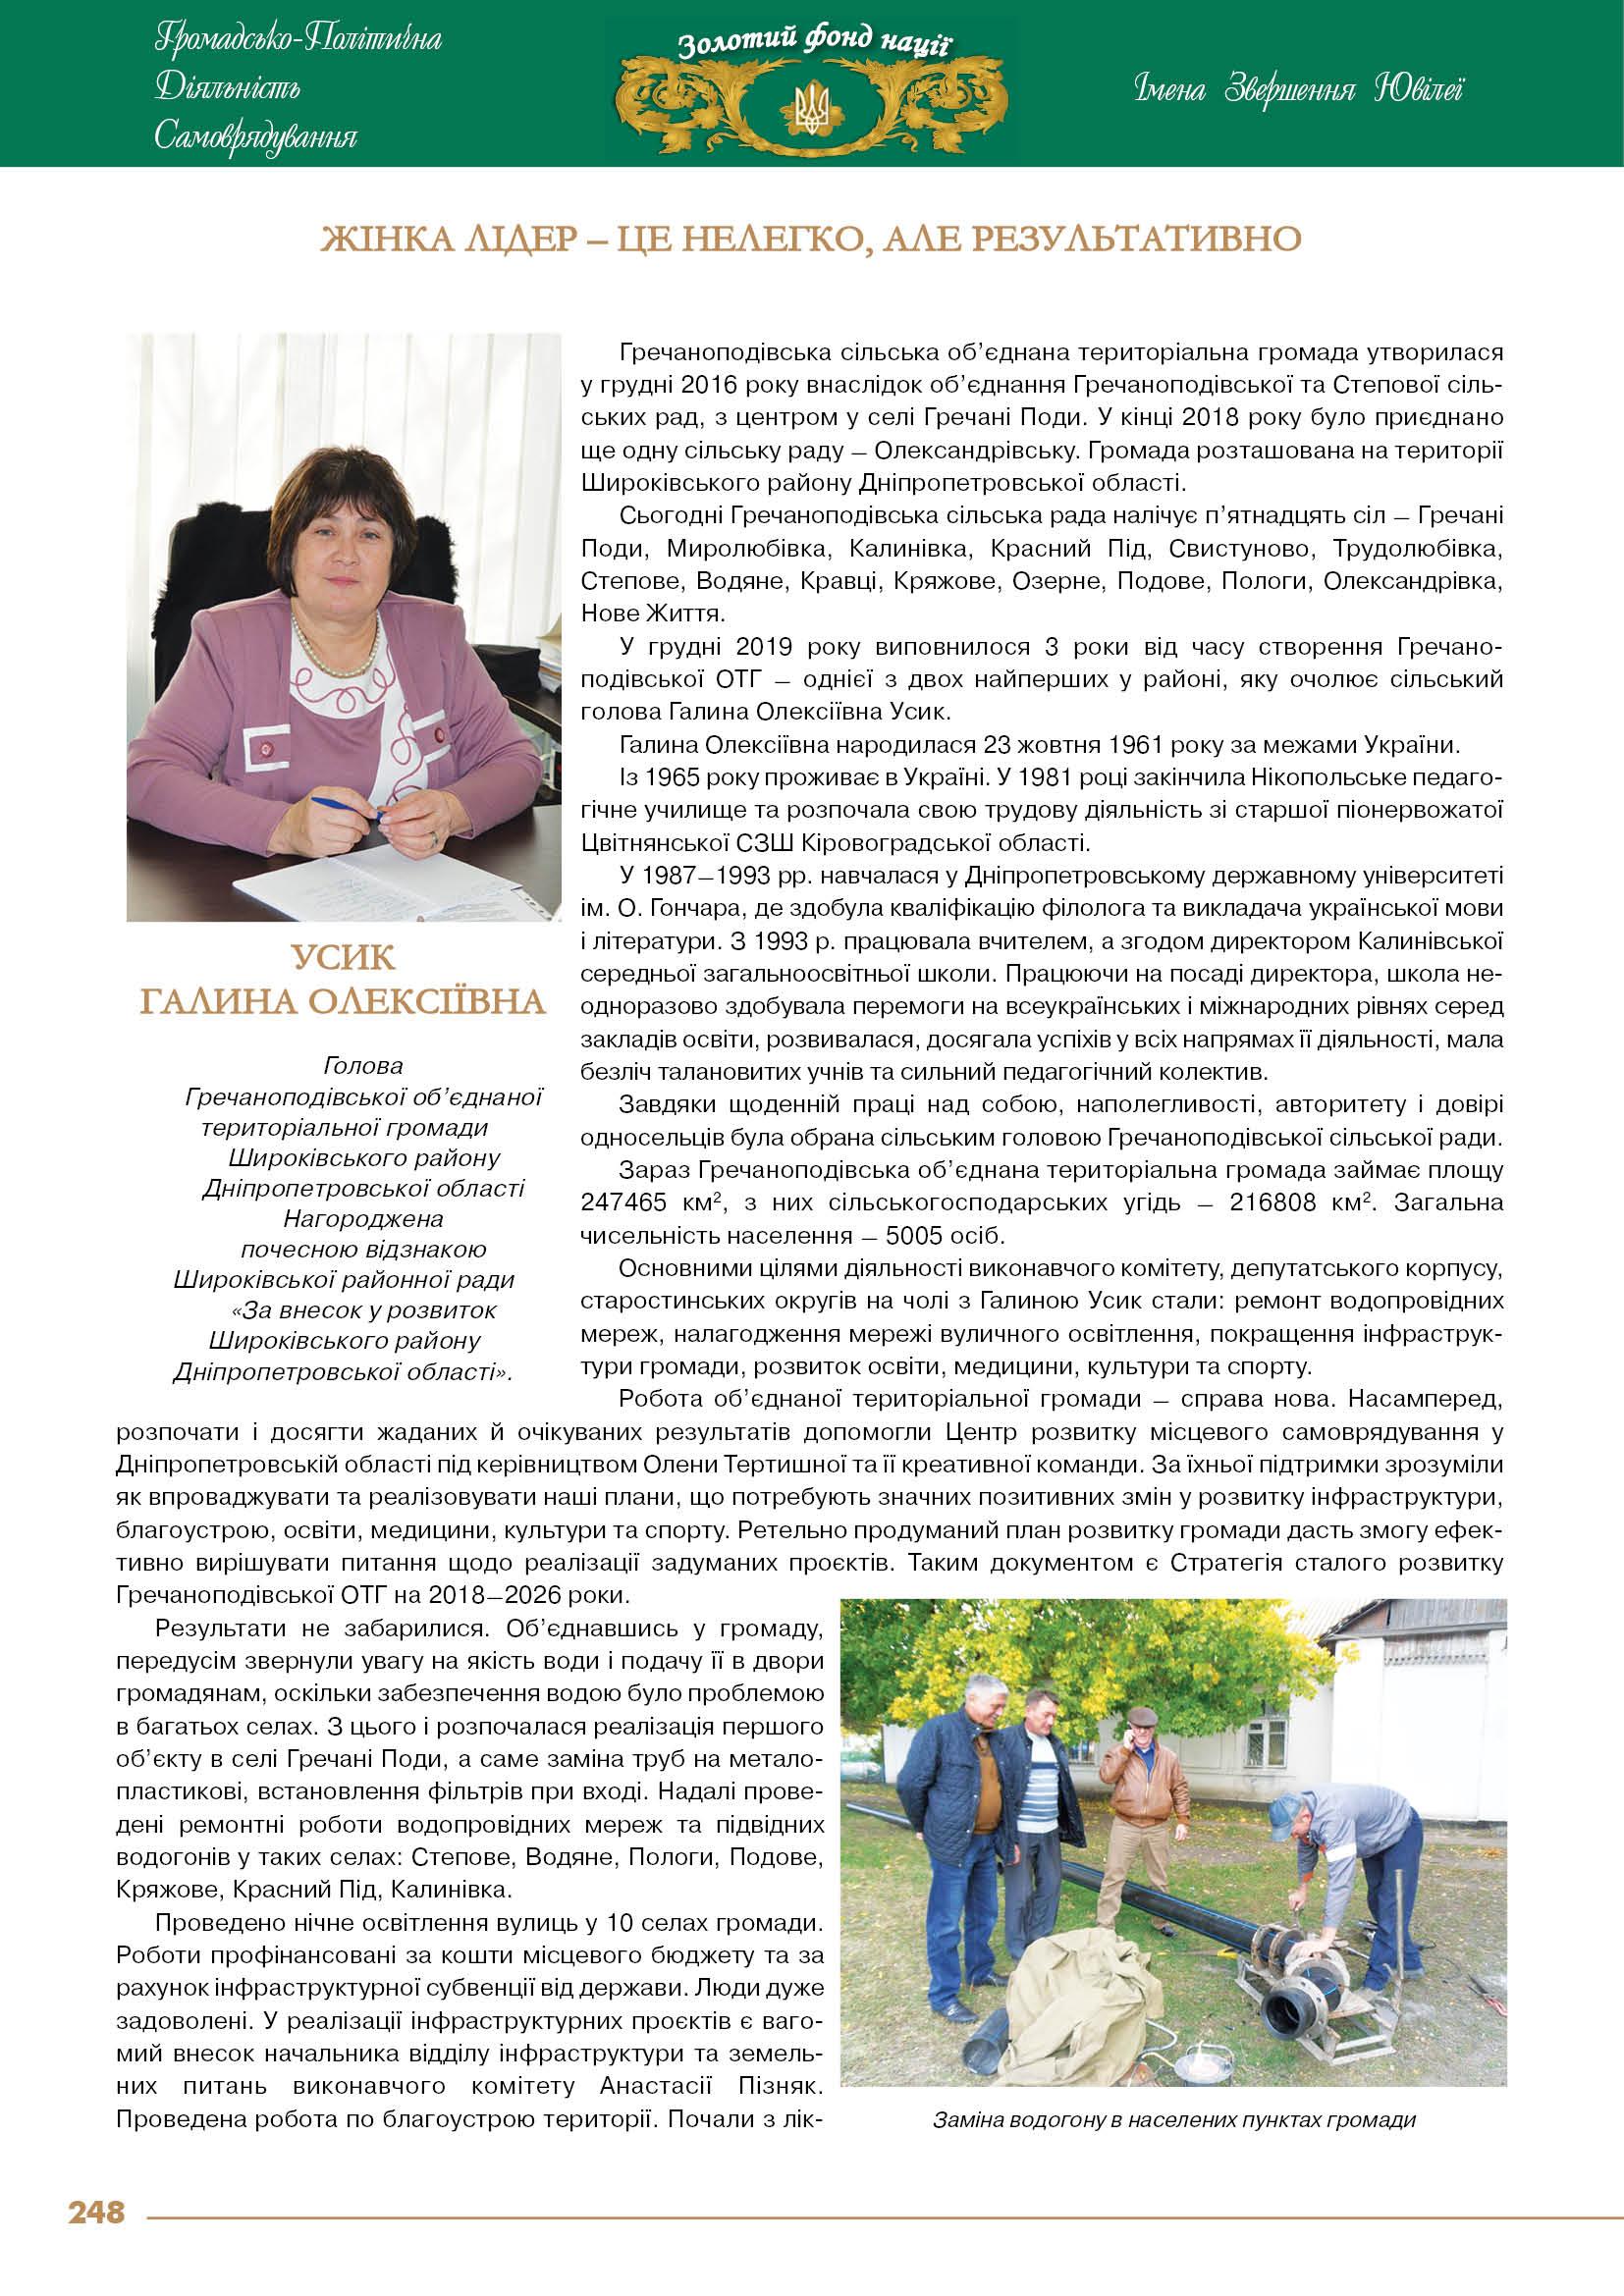 Усик Галина Олексіївна